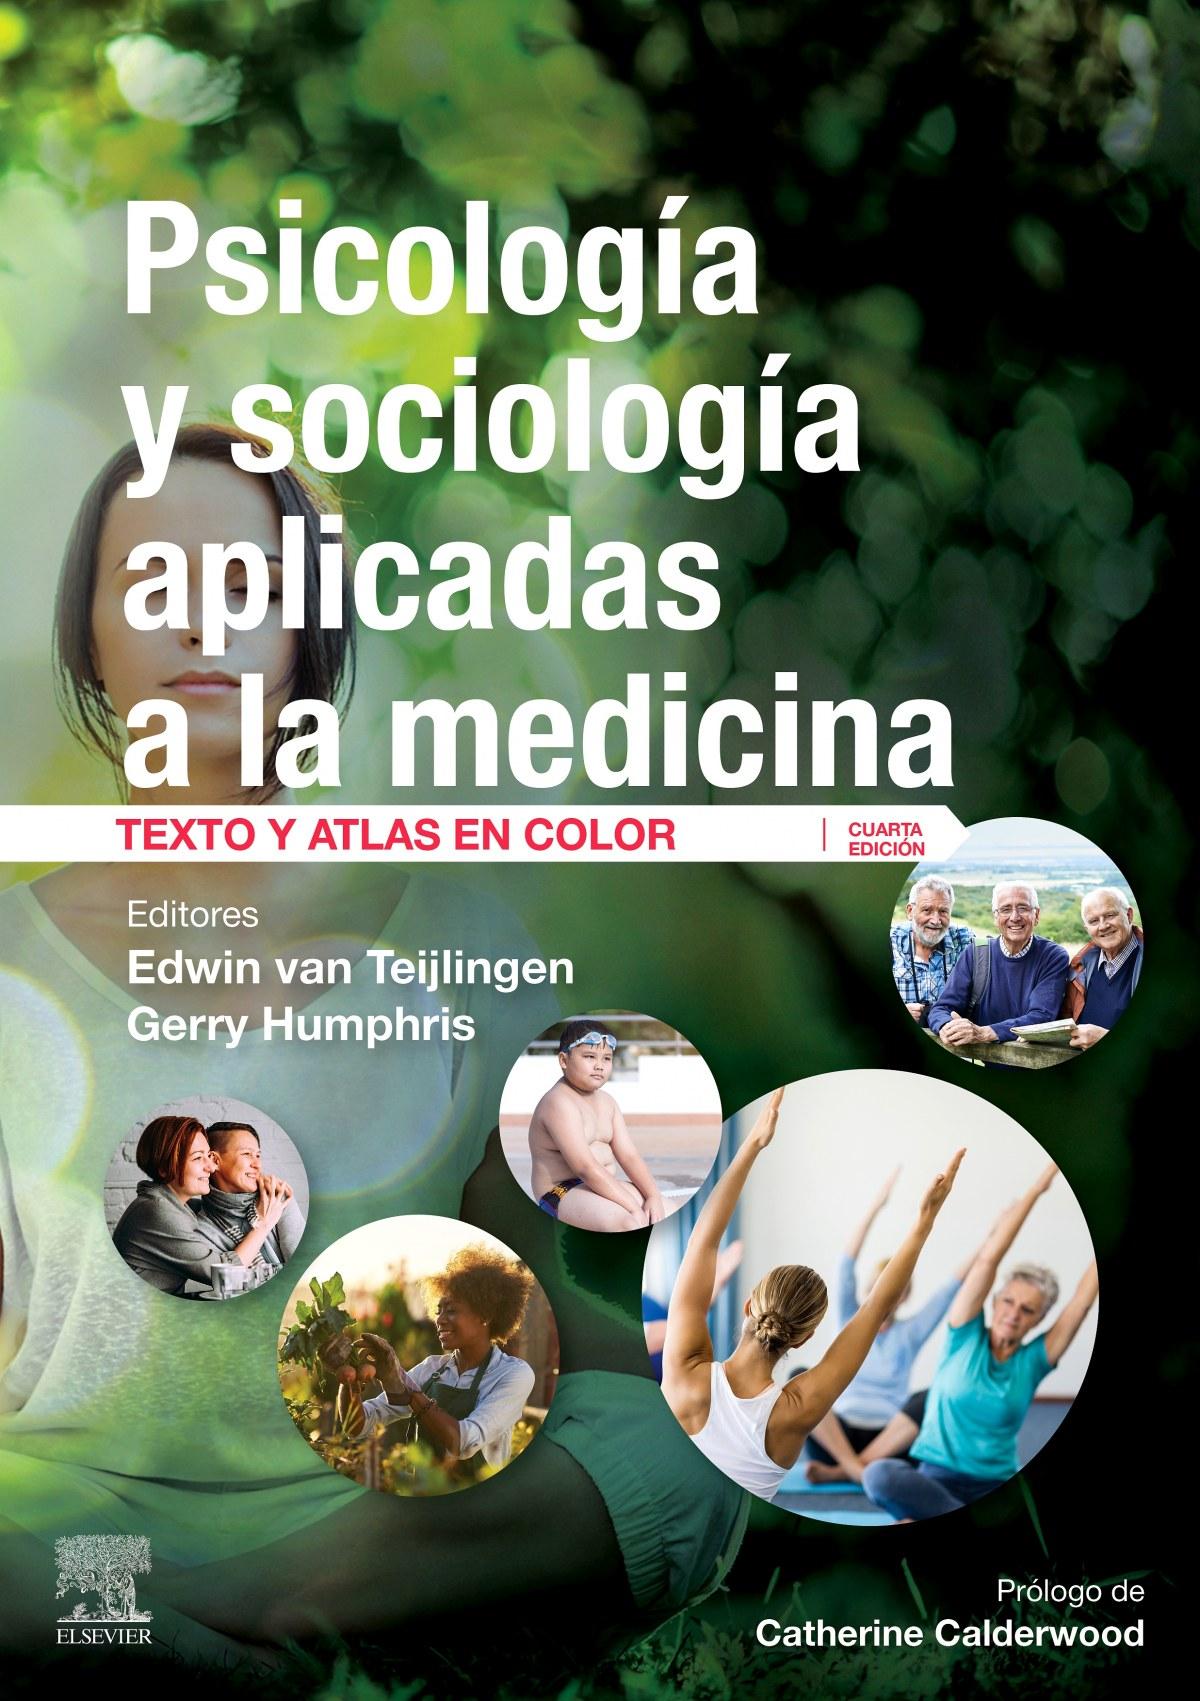 Psicología y sociología aplicadas a la medicina (4ª ed.)